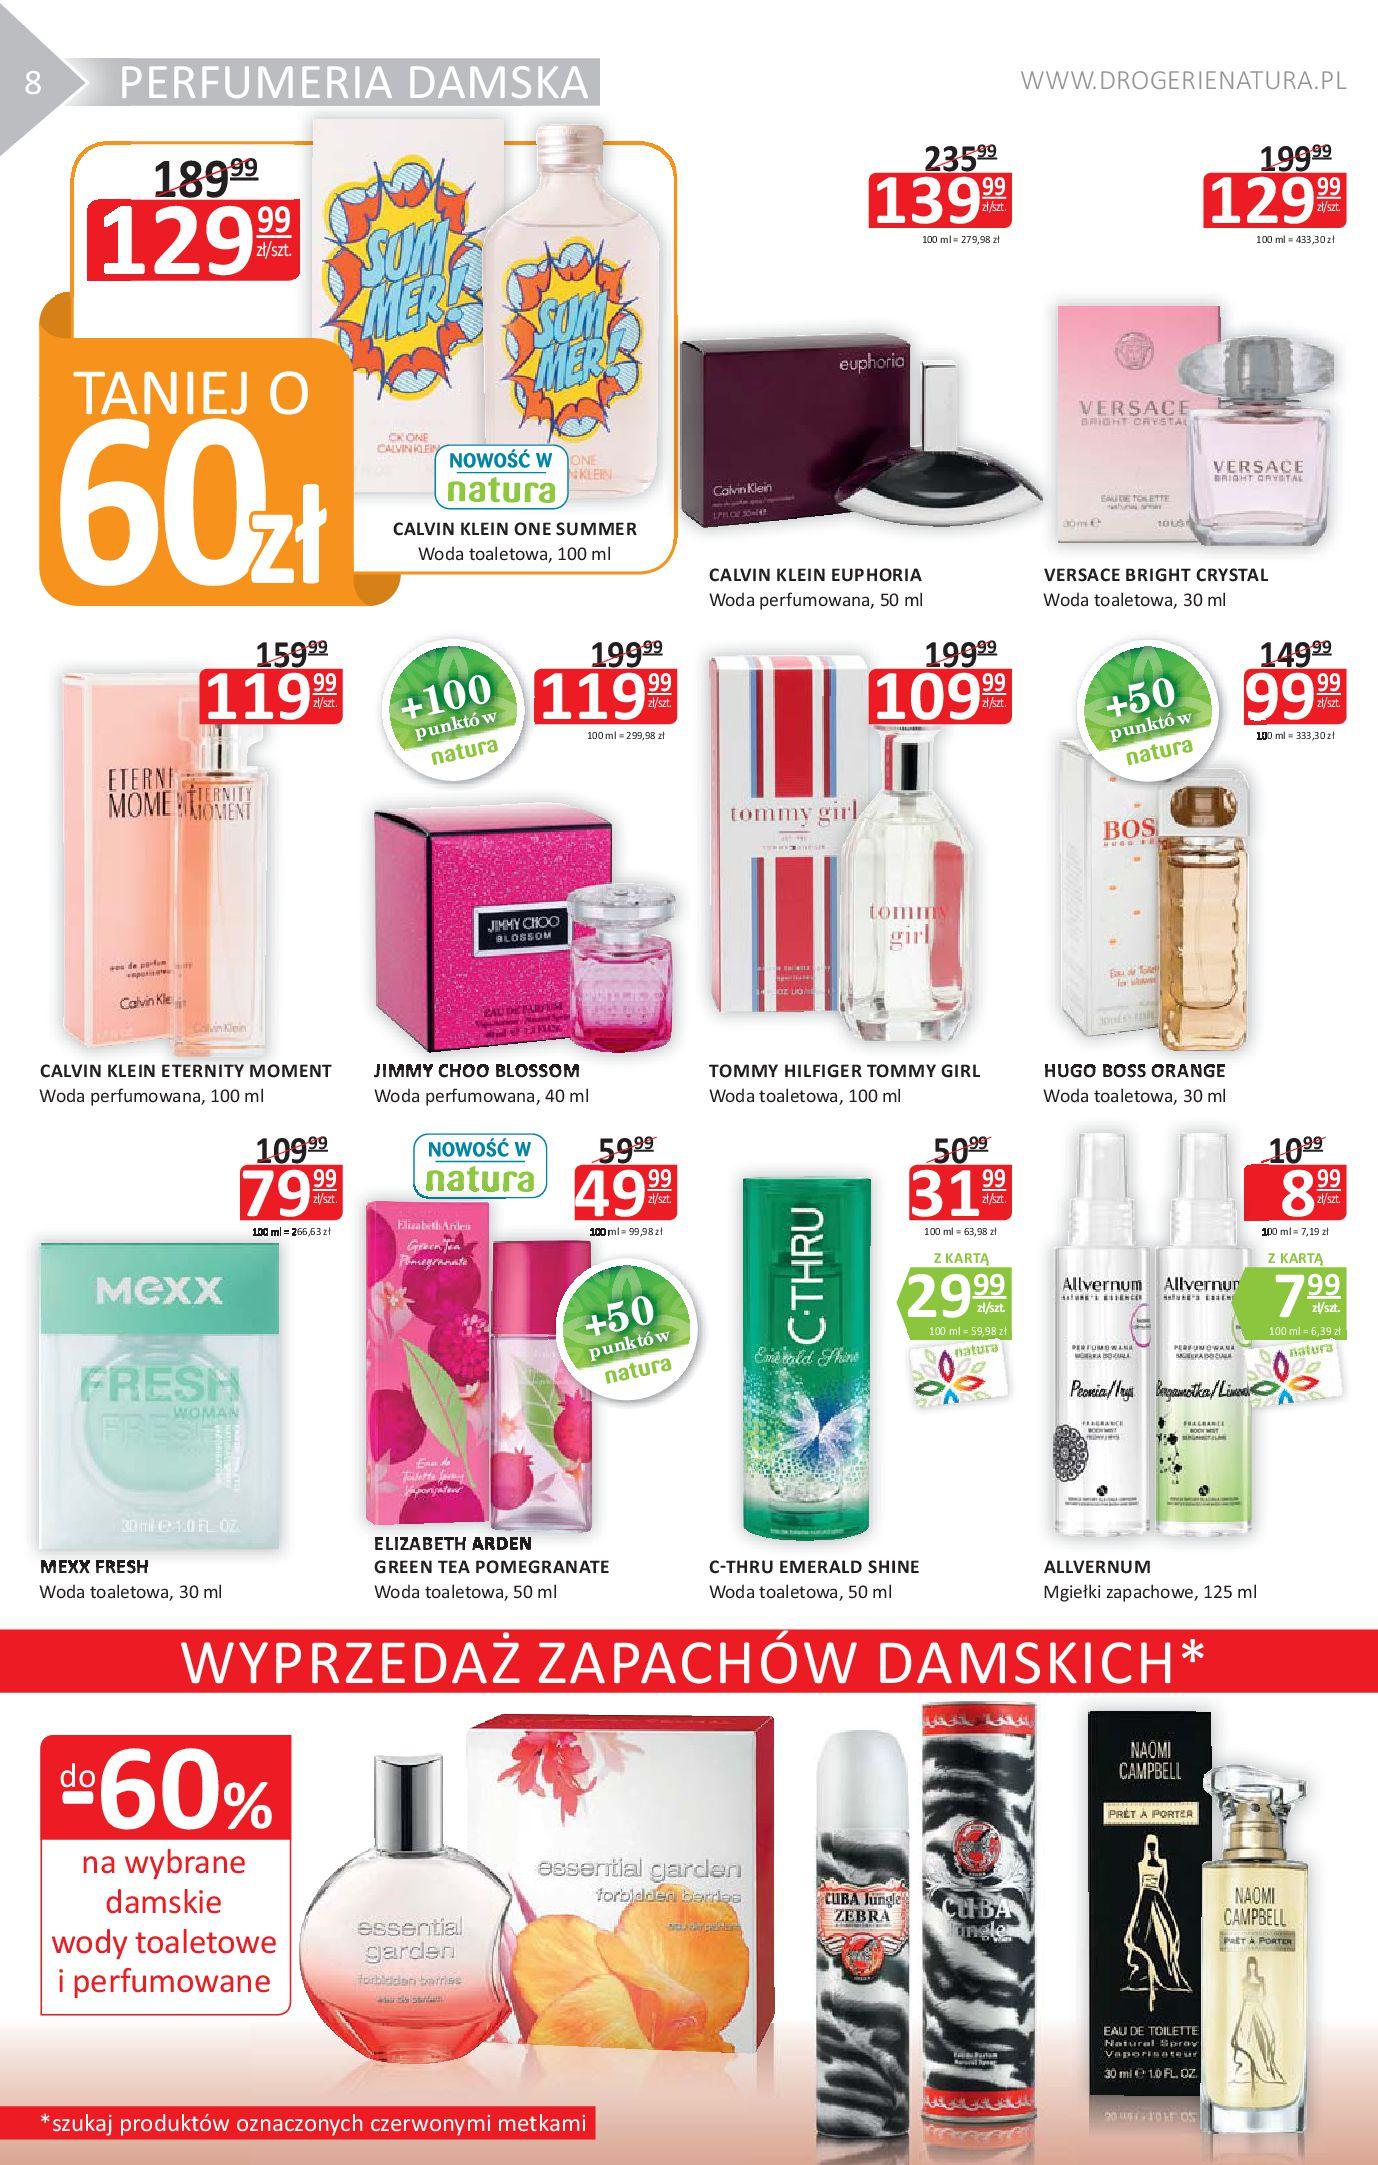 Gazetka Drogerie Natura - Oferta promocyjna-05.06.2019-19.06.2019-page-